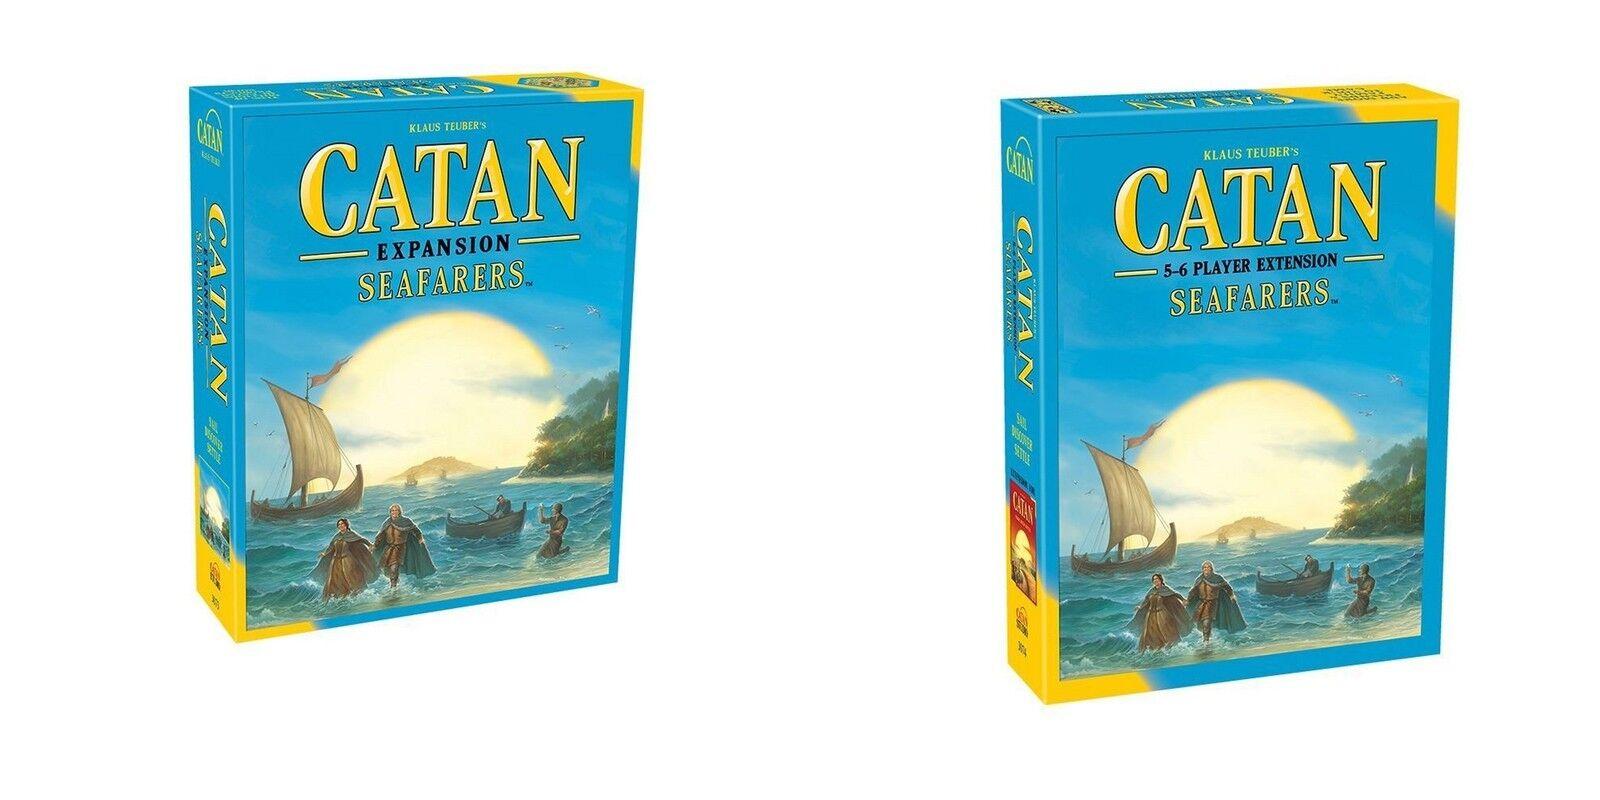 Catan Studio  Catan Seafarers board game + 5-6 Player Extension Bundle (New)